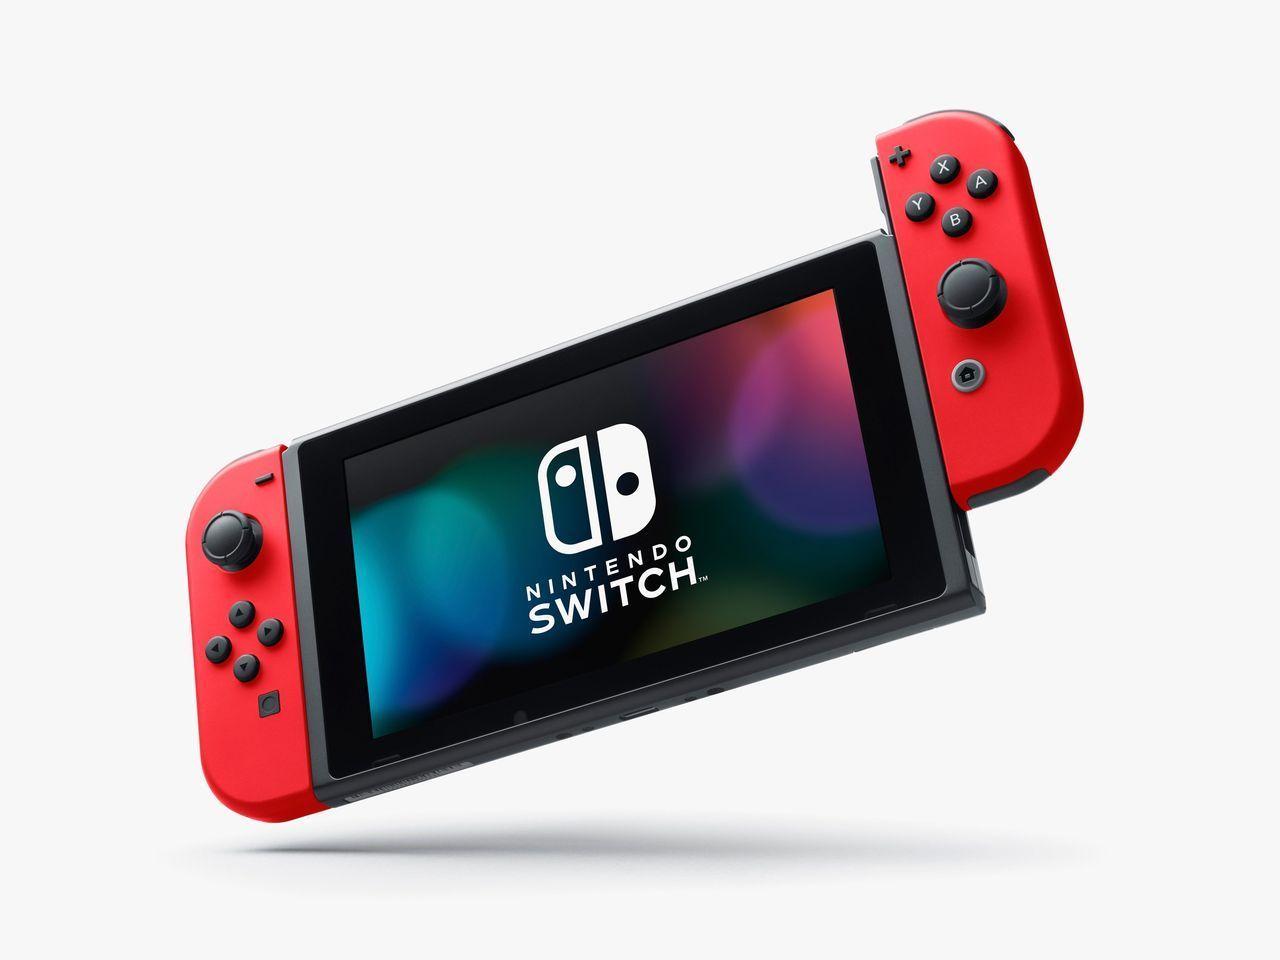 Ny variant av Nintendo Switch ryktas släppas i sommar